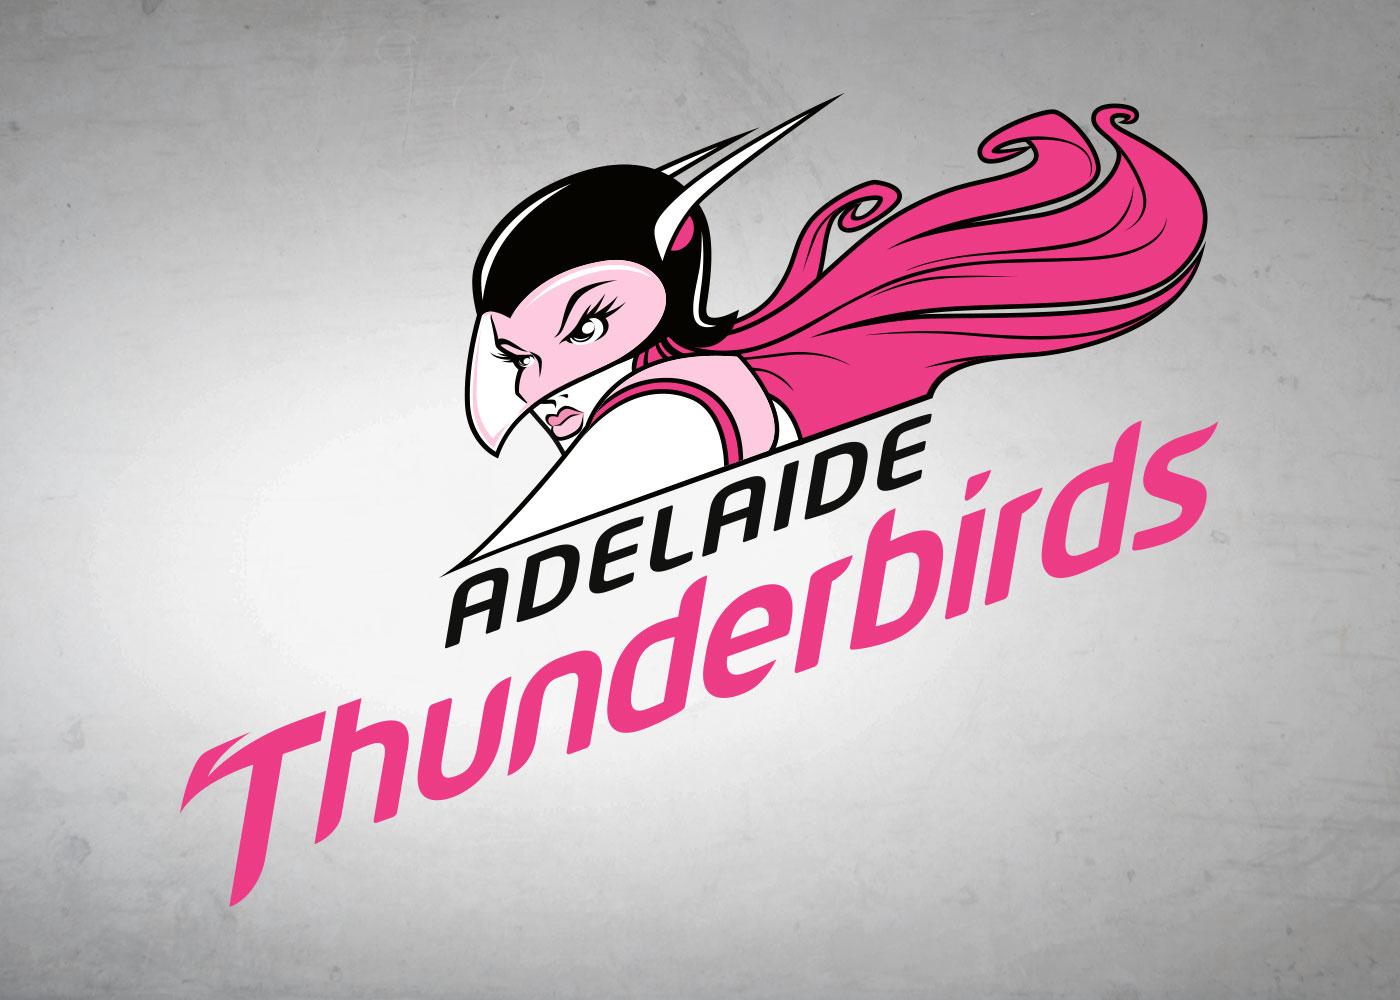 ADELAIDE-THUNDERBIRDS_WebPage_02